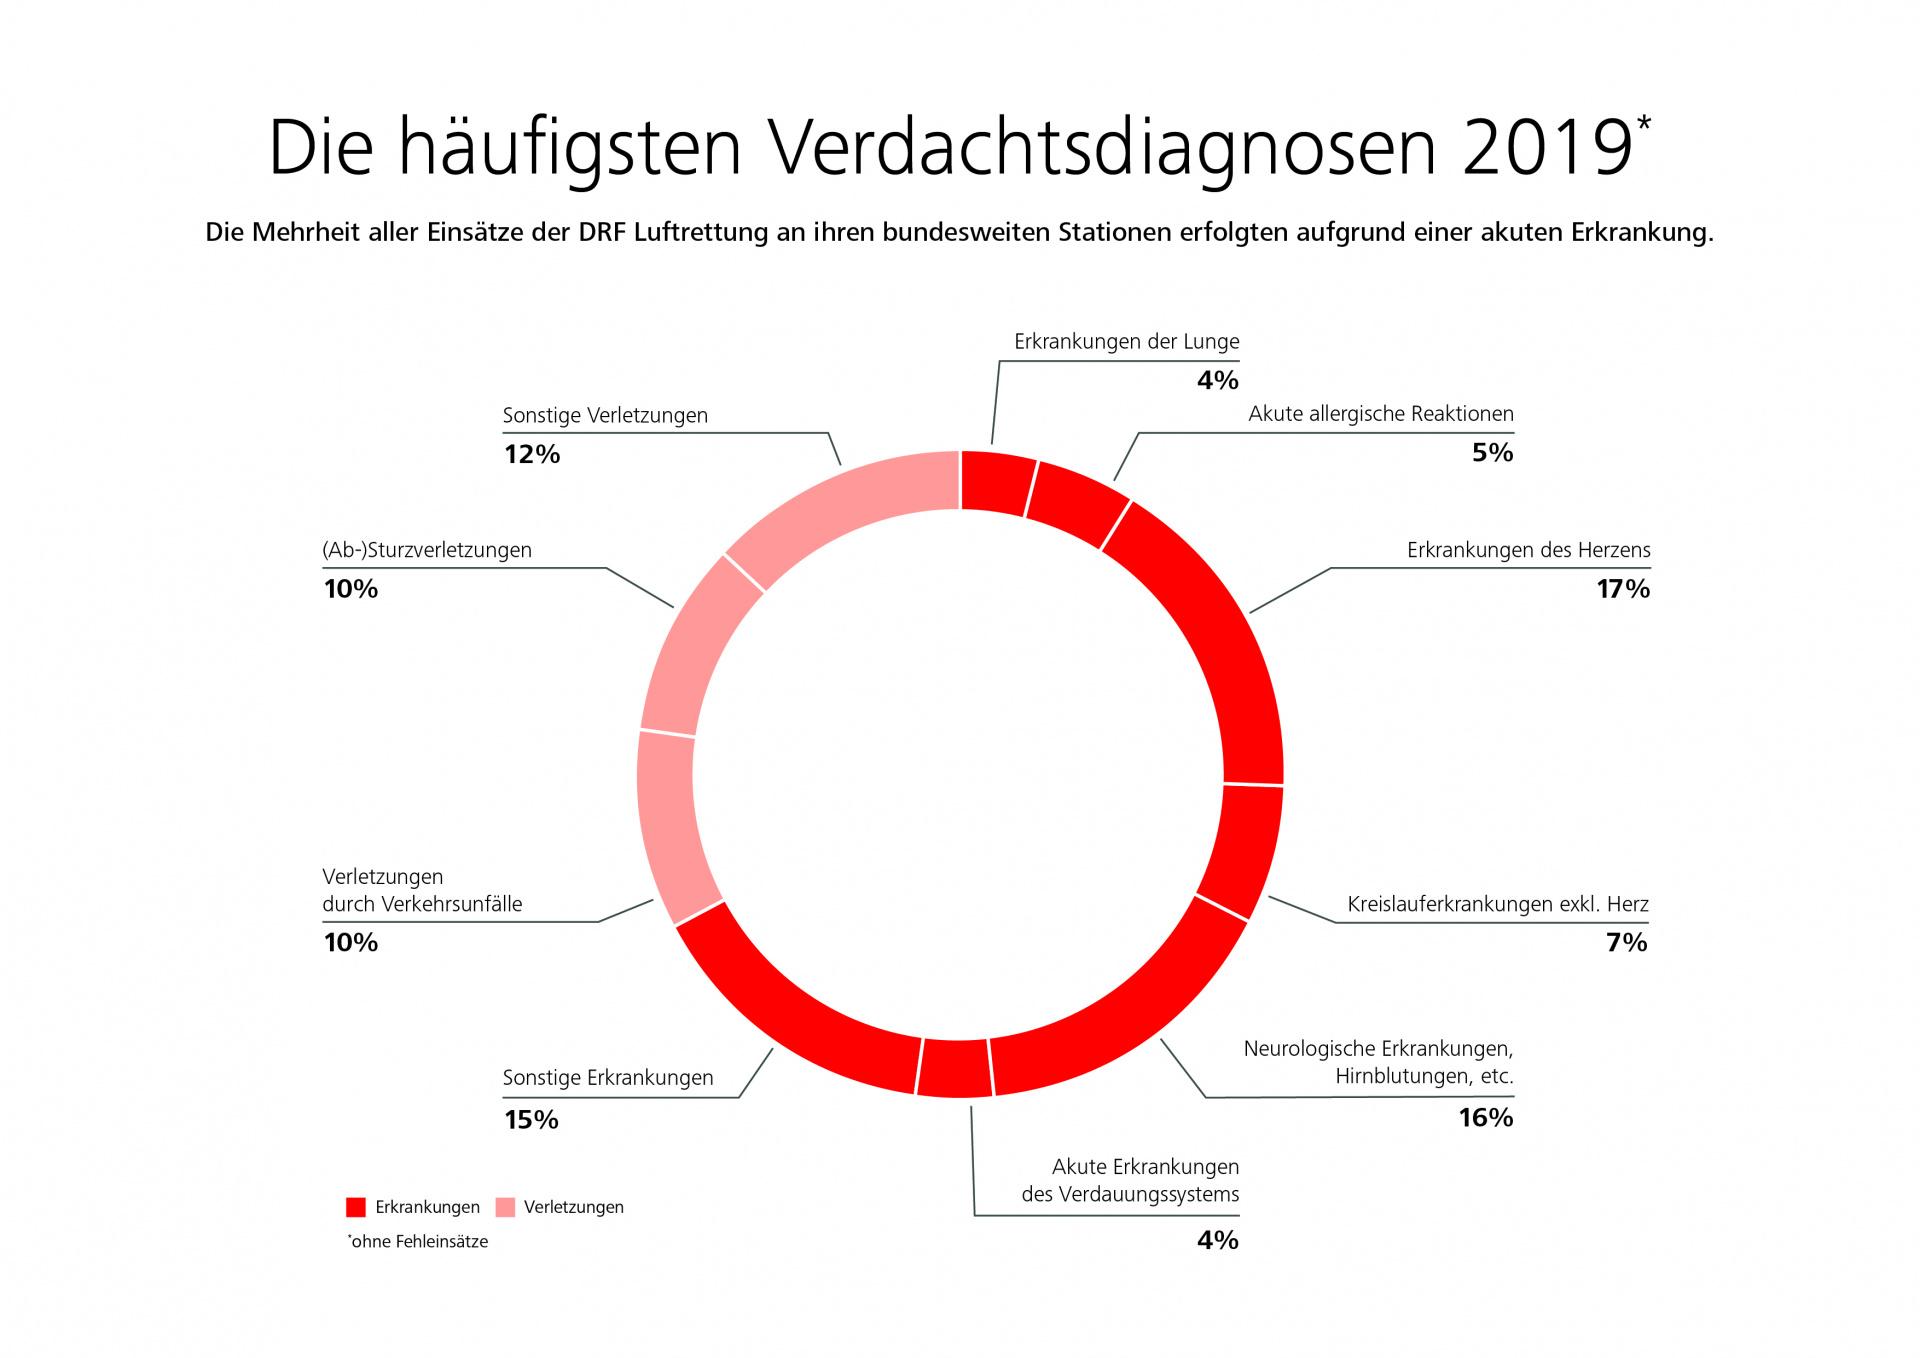 Infografik: Die häufigsten Verdachtsdiagnosen 2019 der DRF Luftrettung in Deutschland.